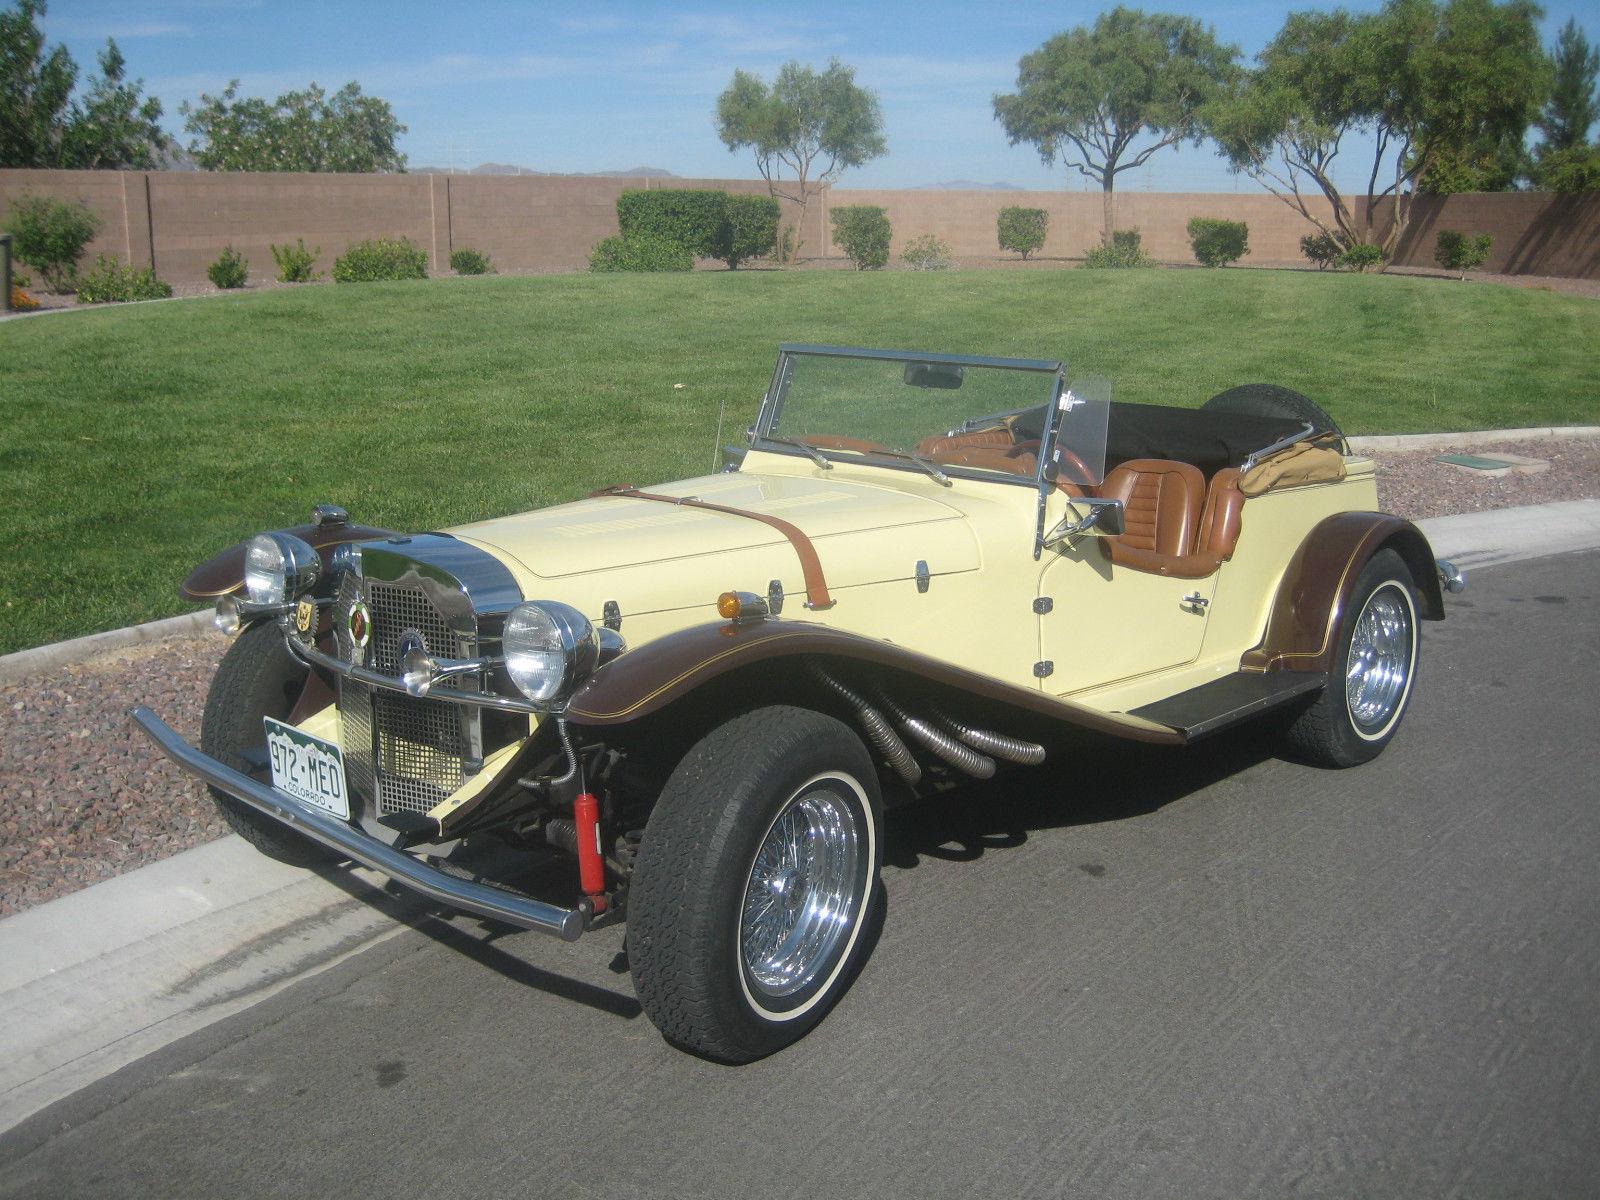 1929 mercedes gazelle roadster replica kit car. Black Bedroom Furniture Sets. Home Design Ideas